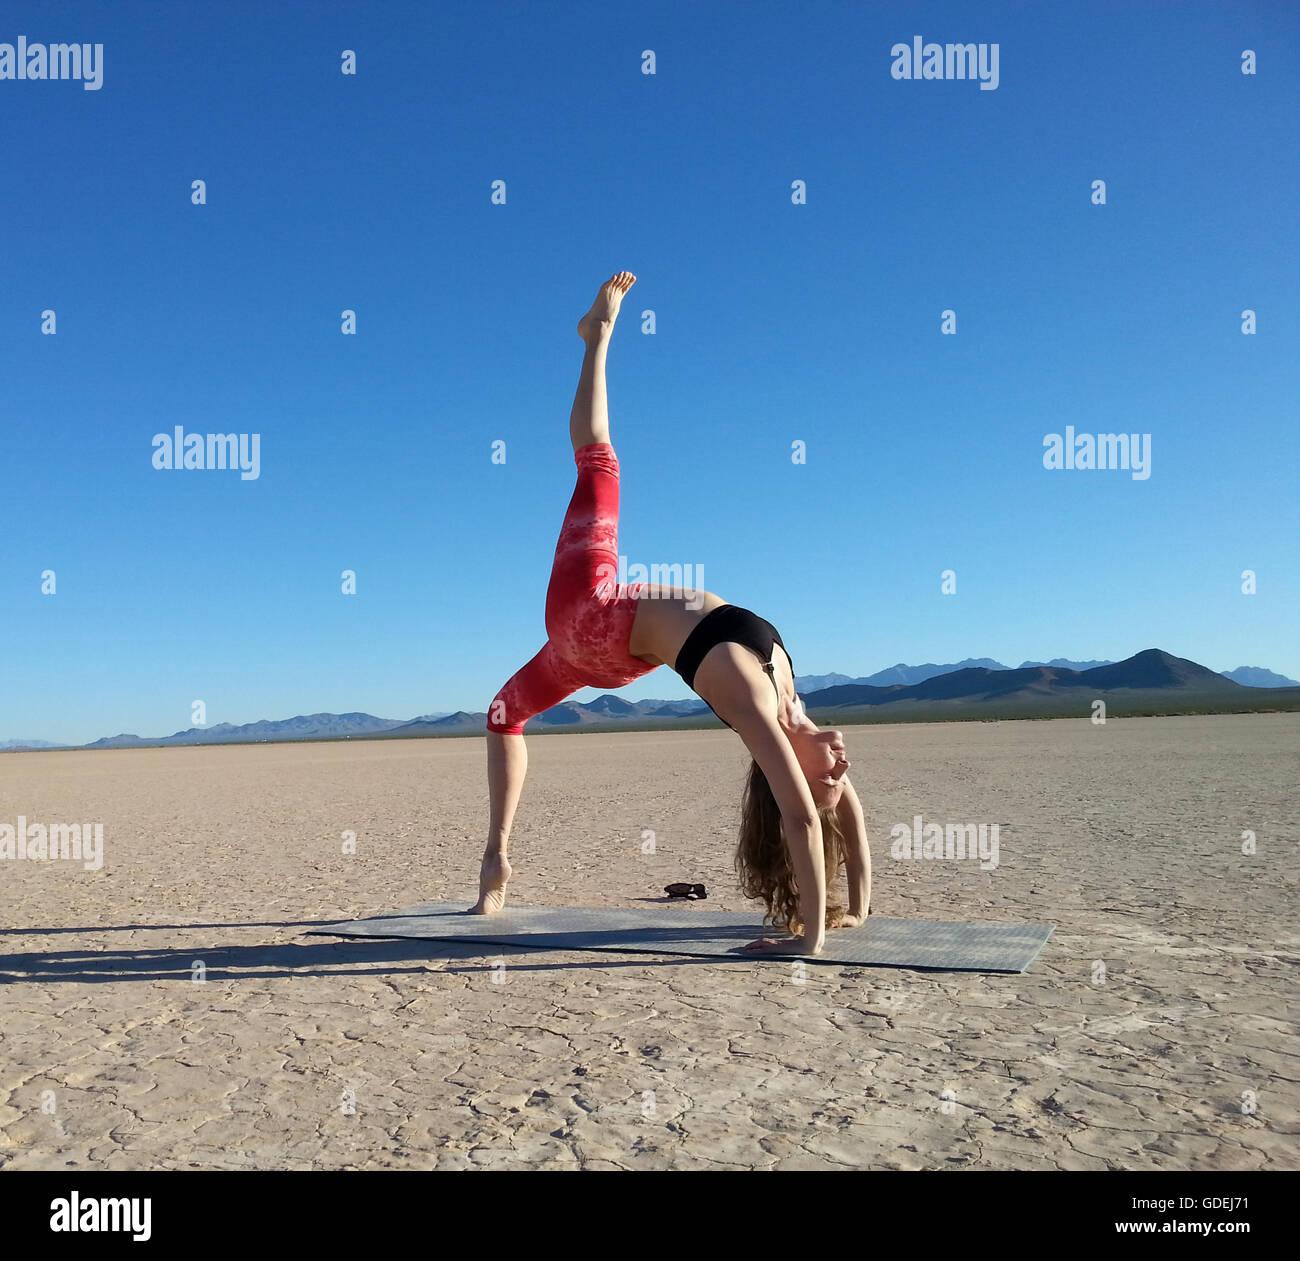 Femme faisant une roue pattes poser sur un lac asséché, le Nevada, l'Amérique, USA Photo Stock